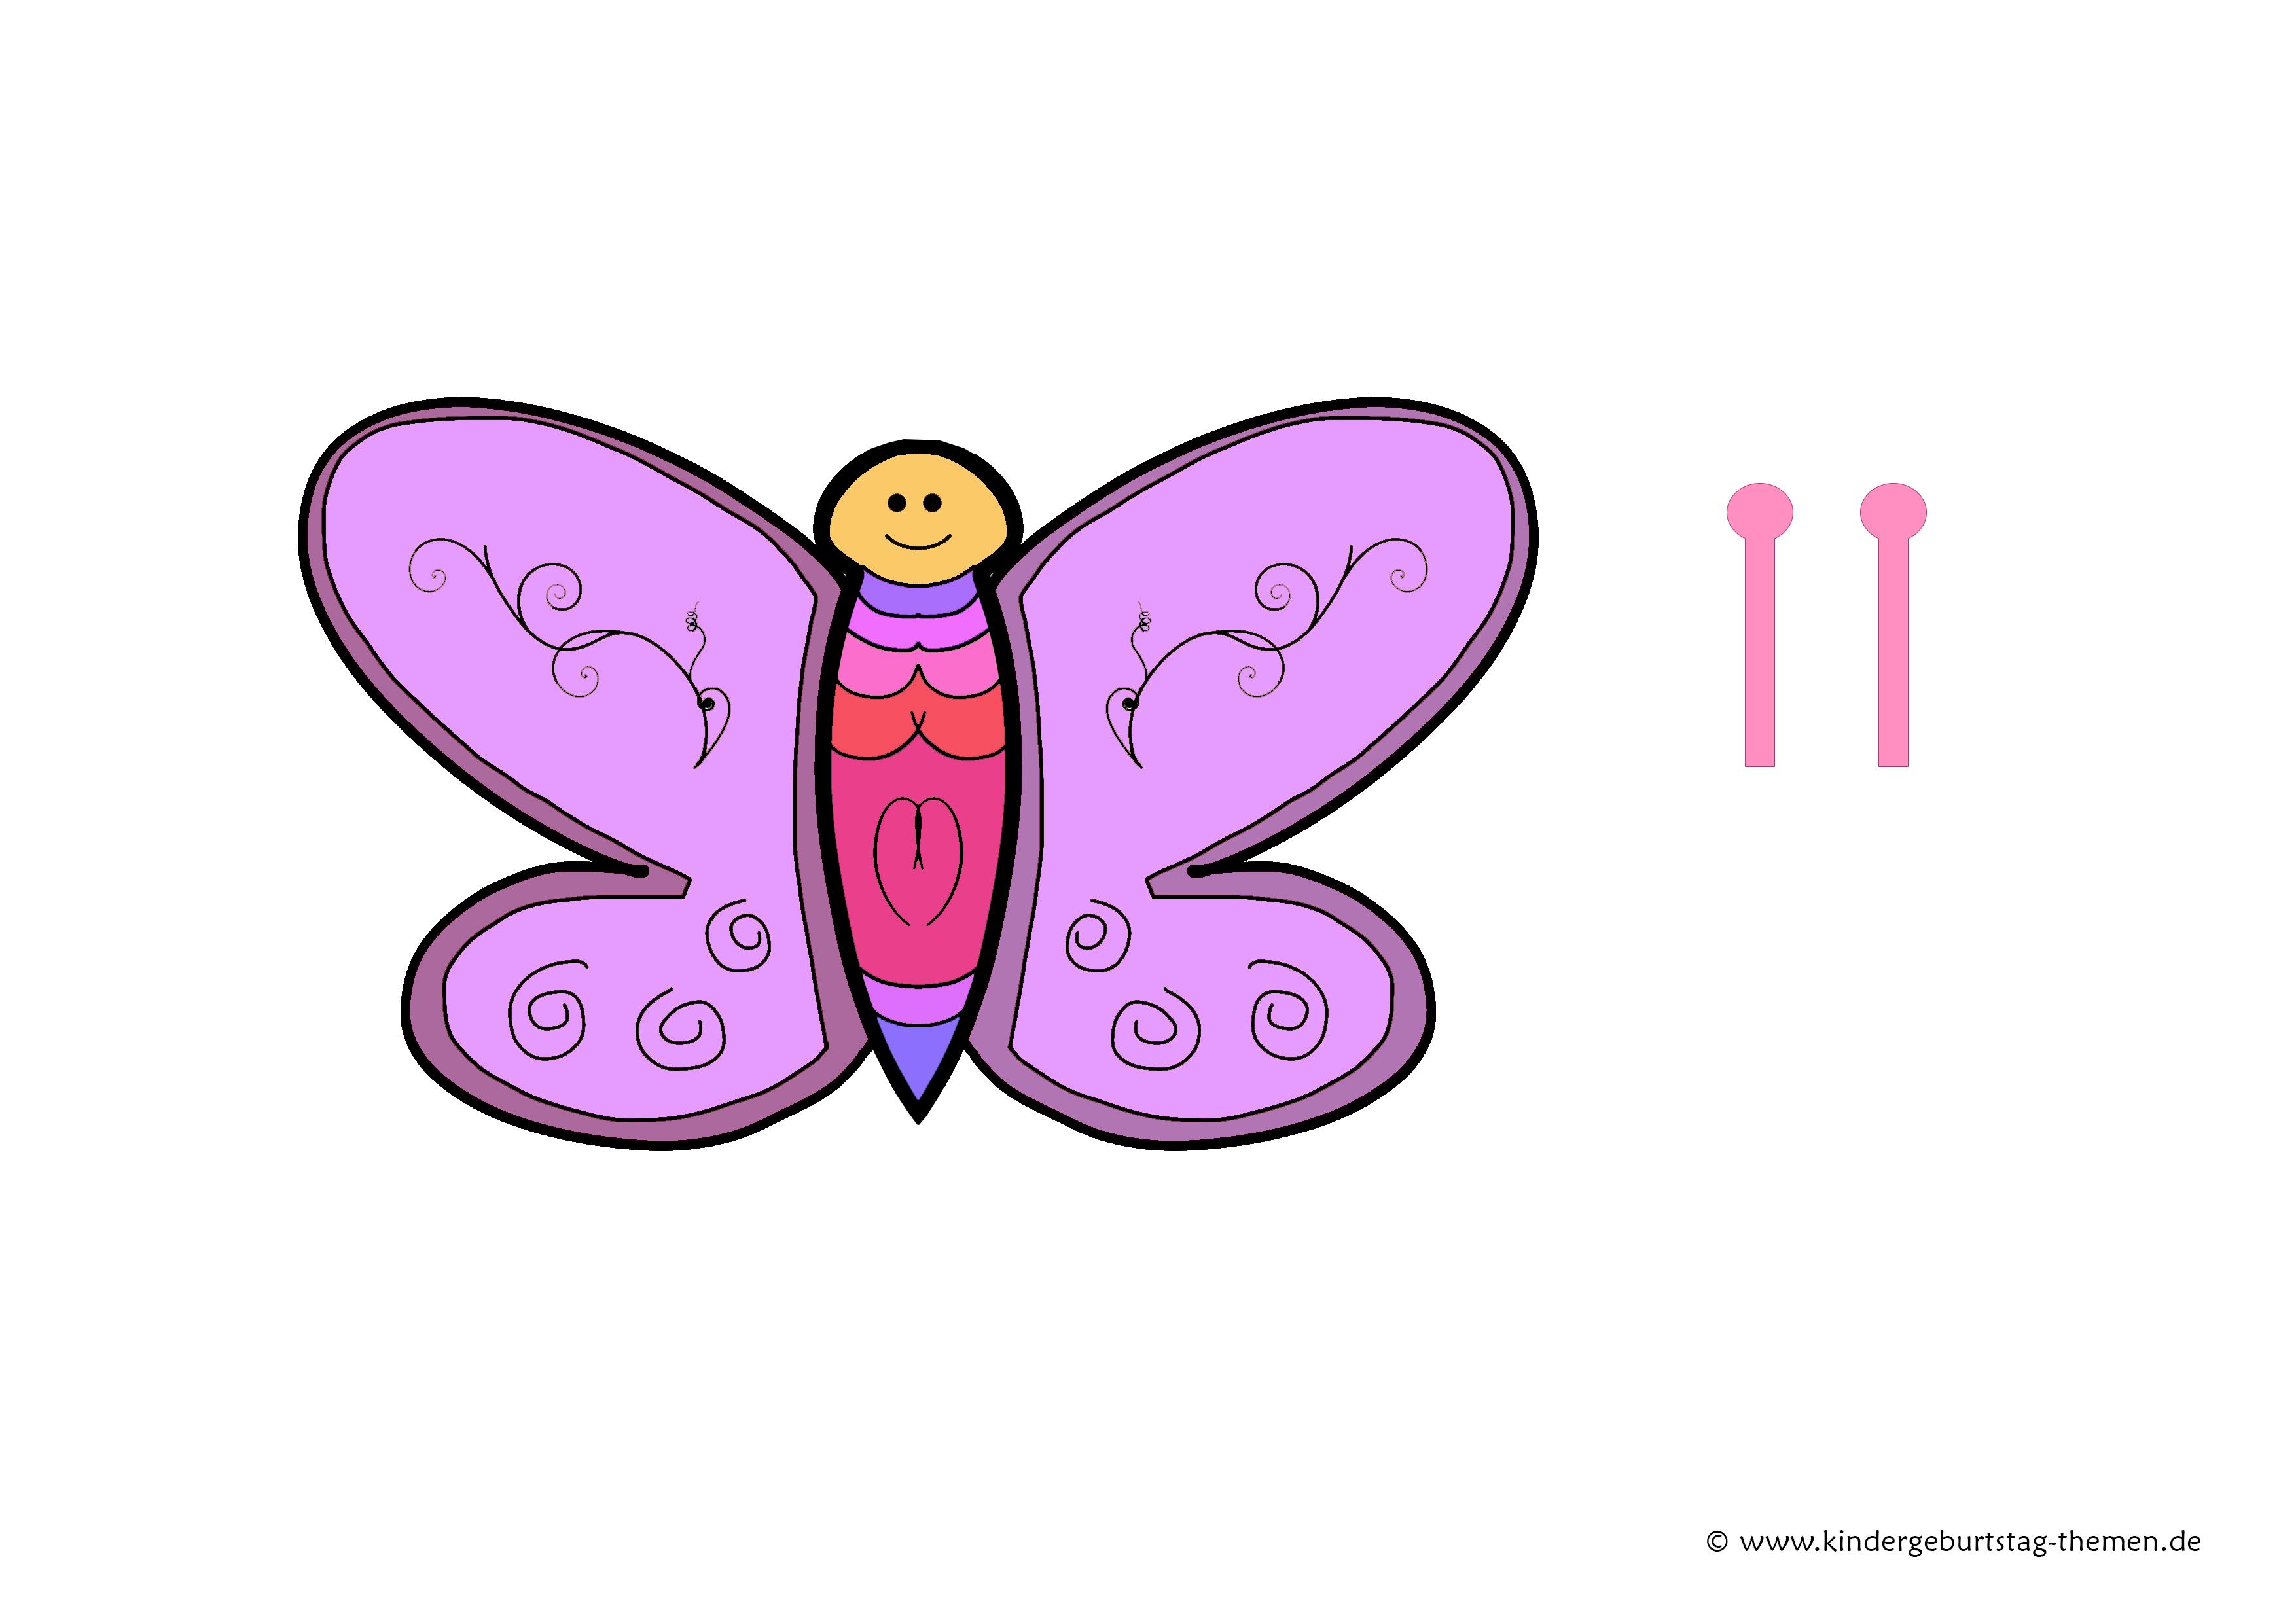 Einladung Schmetterling Basteln Kostenlose Vorlagen Downloaden Einladungskarten Kindergeburtstag Basteln Einladung Kindergeburtstag Basteln Kindergeburtstag Basteln